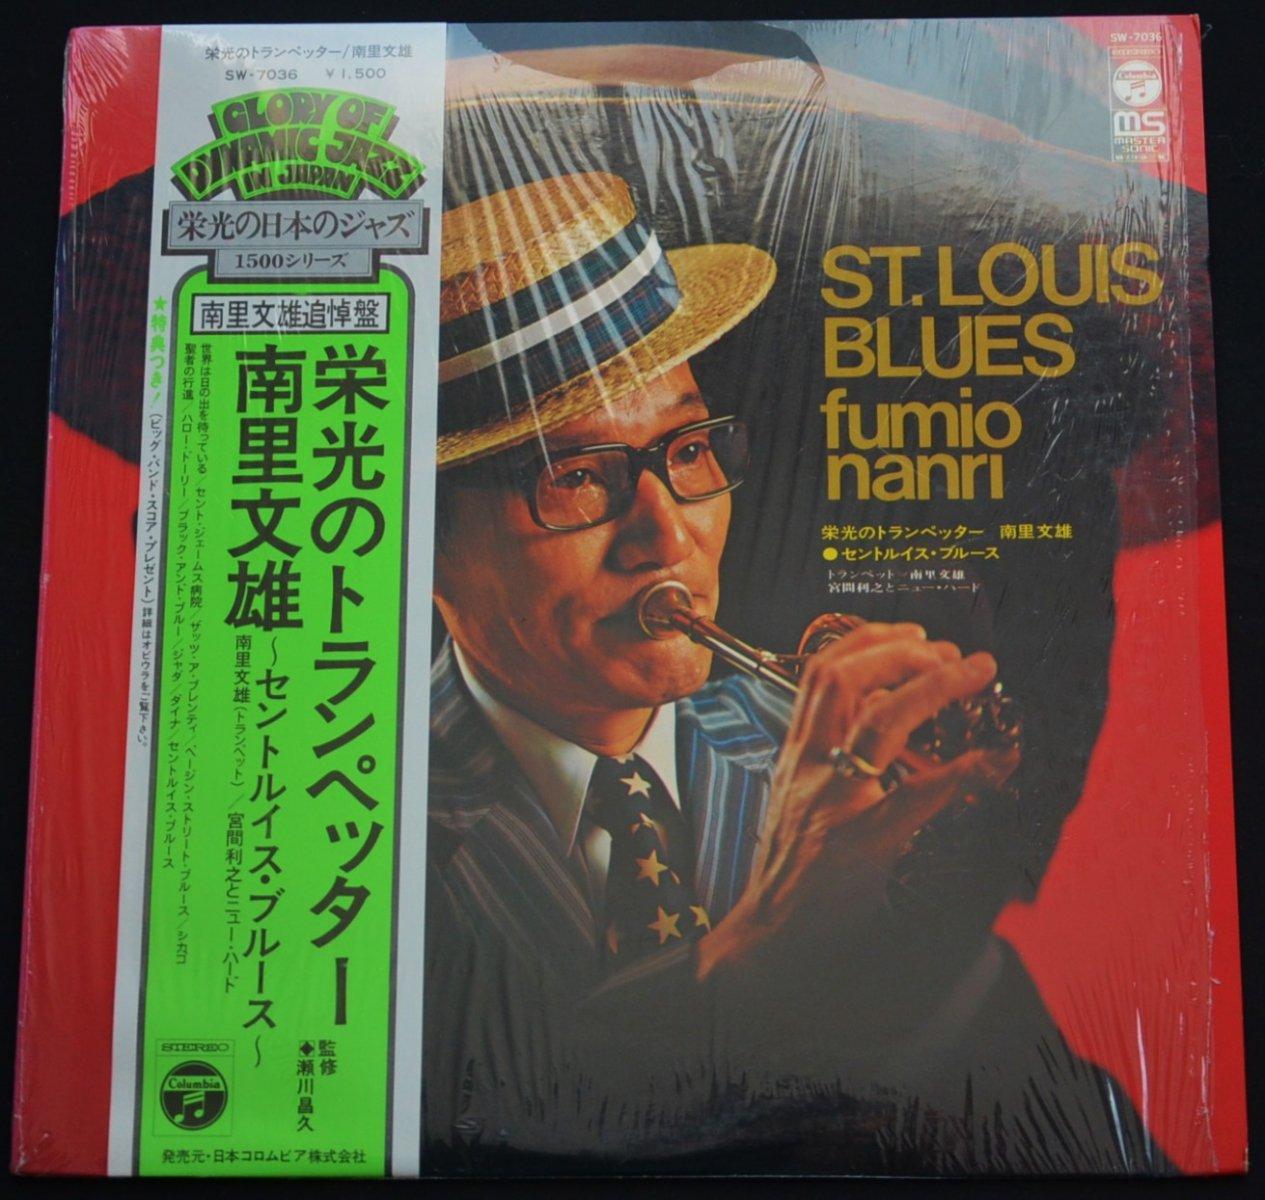 南里文雄 (FUMIO NANRI)  宮間利之とニュー・ハード (TOSHIYUKI MIYAMA & THE NEW HERD) / セントルイス・ブルース (LP)